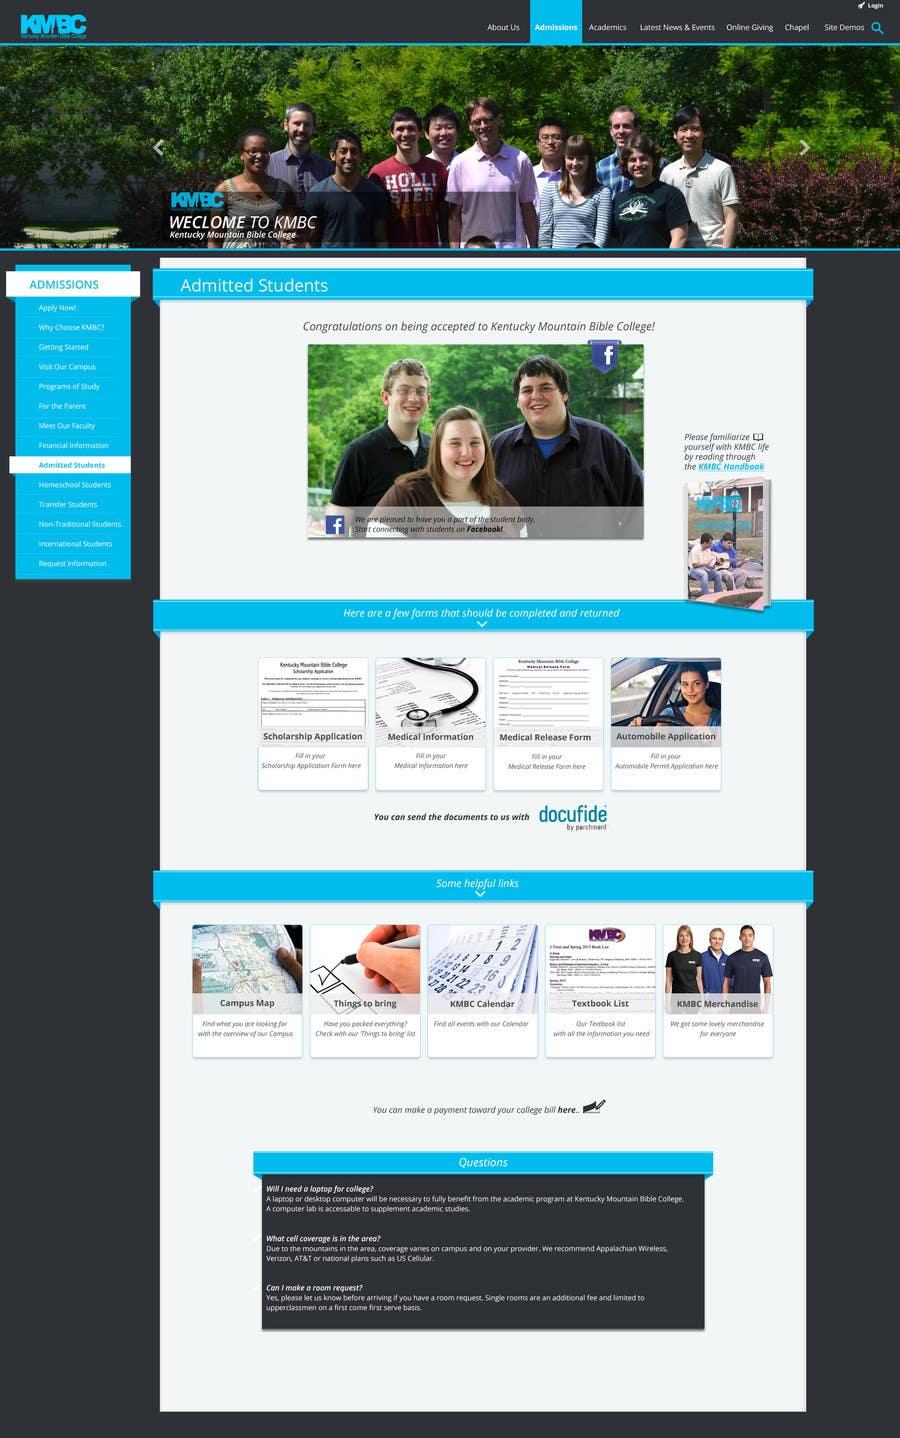 Konkurrenceindlæg #                                        28                                      for                                         Design a website page mockup for existing content